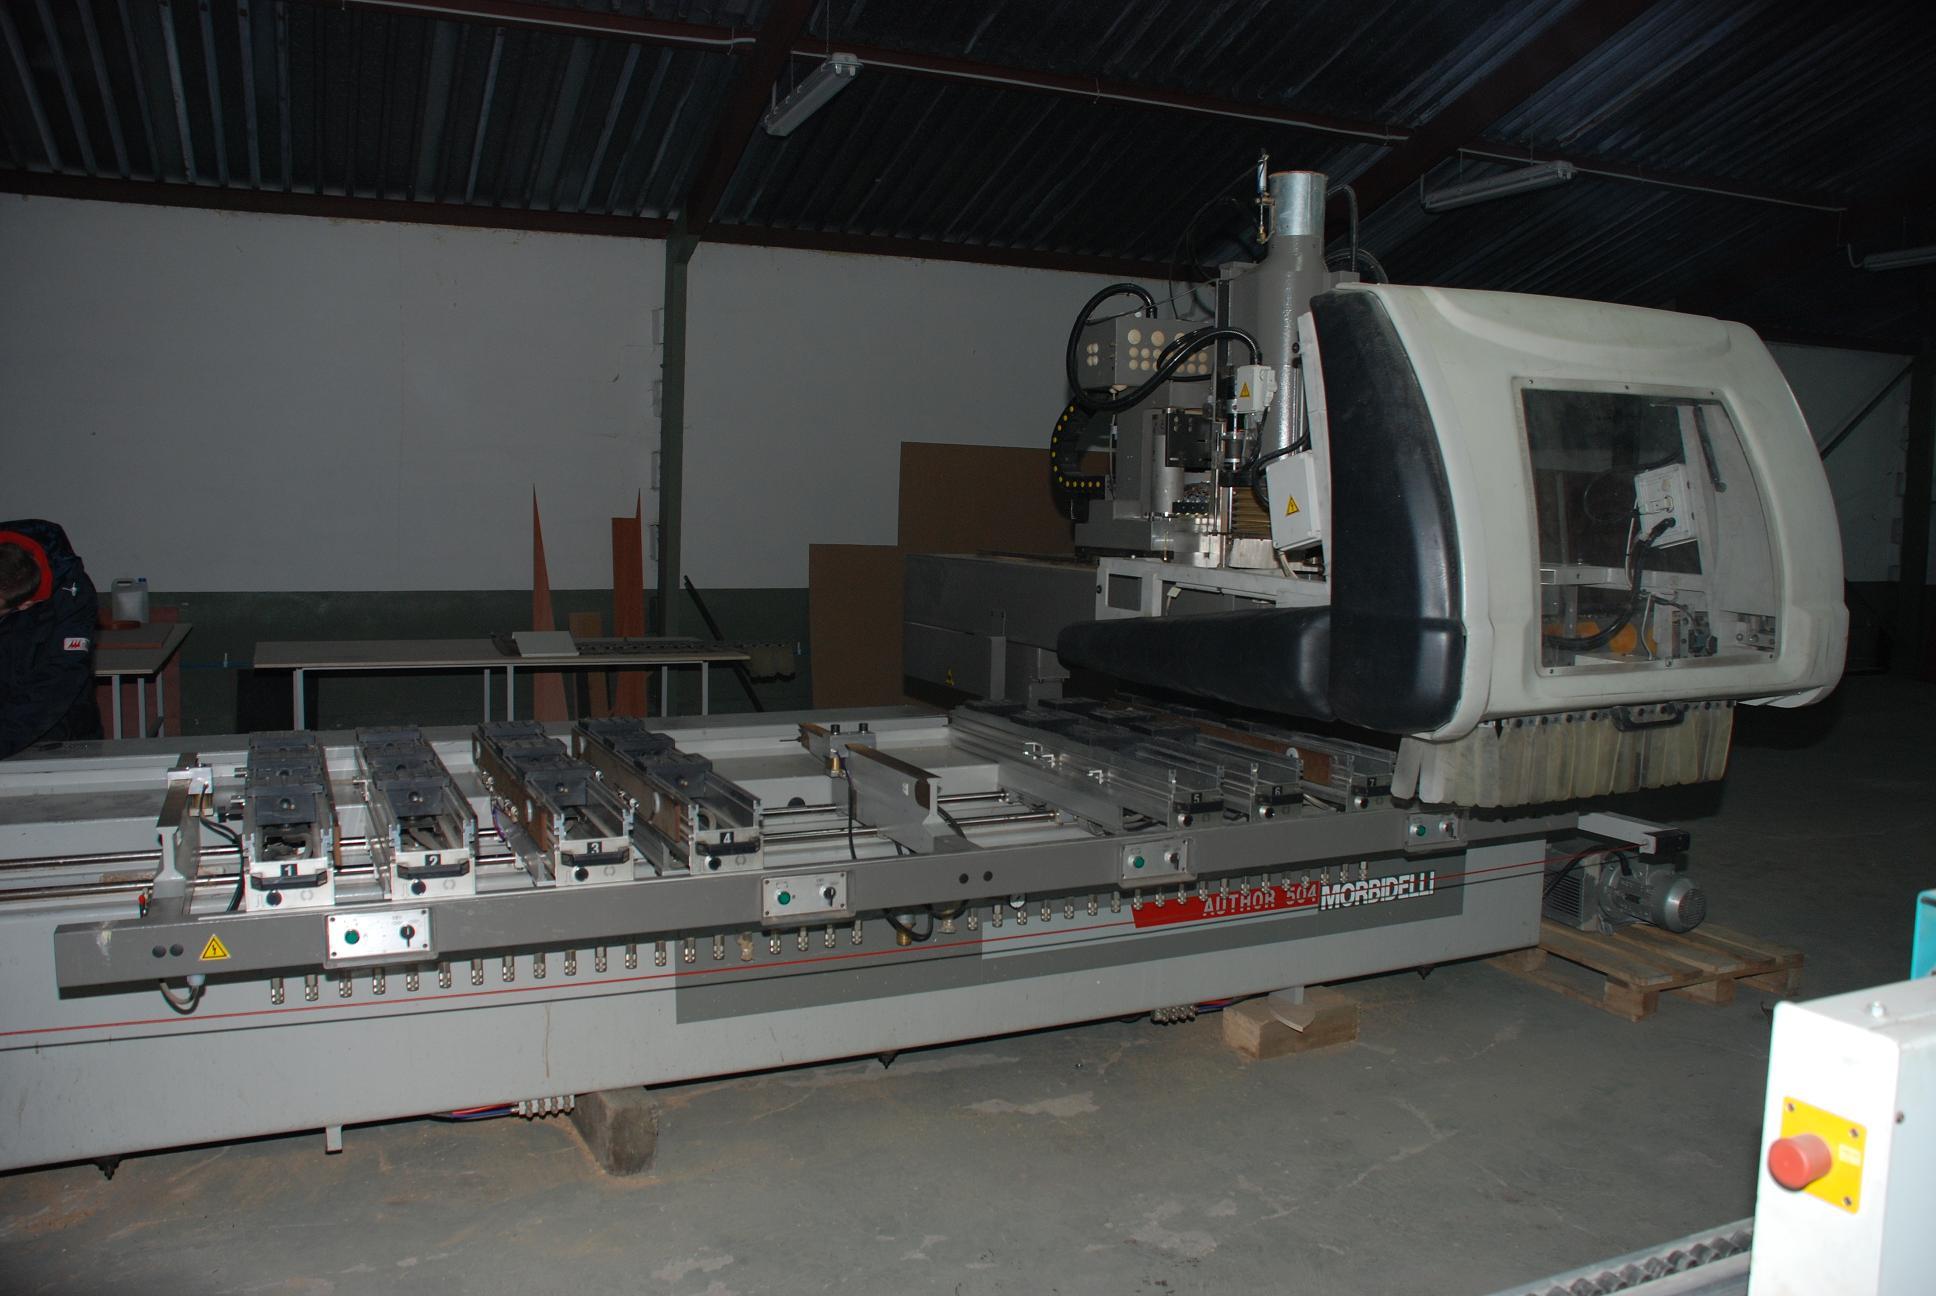 UŻYWANE CENTRA OBRÓBCZE CNC Morbidelli AUTOR 504